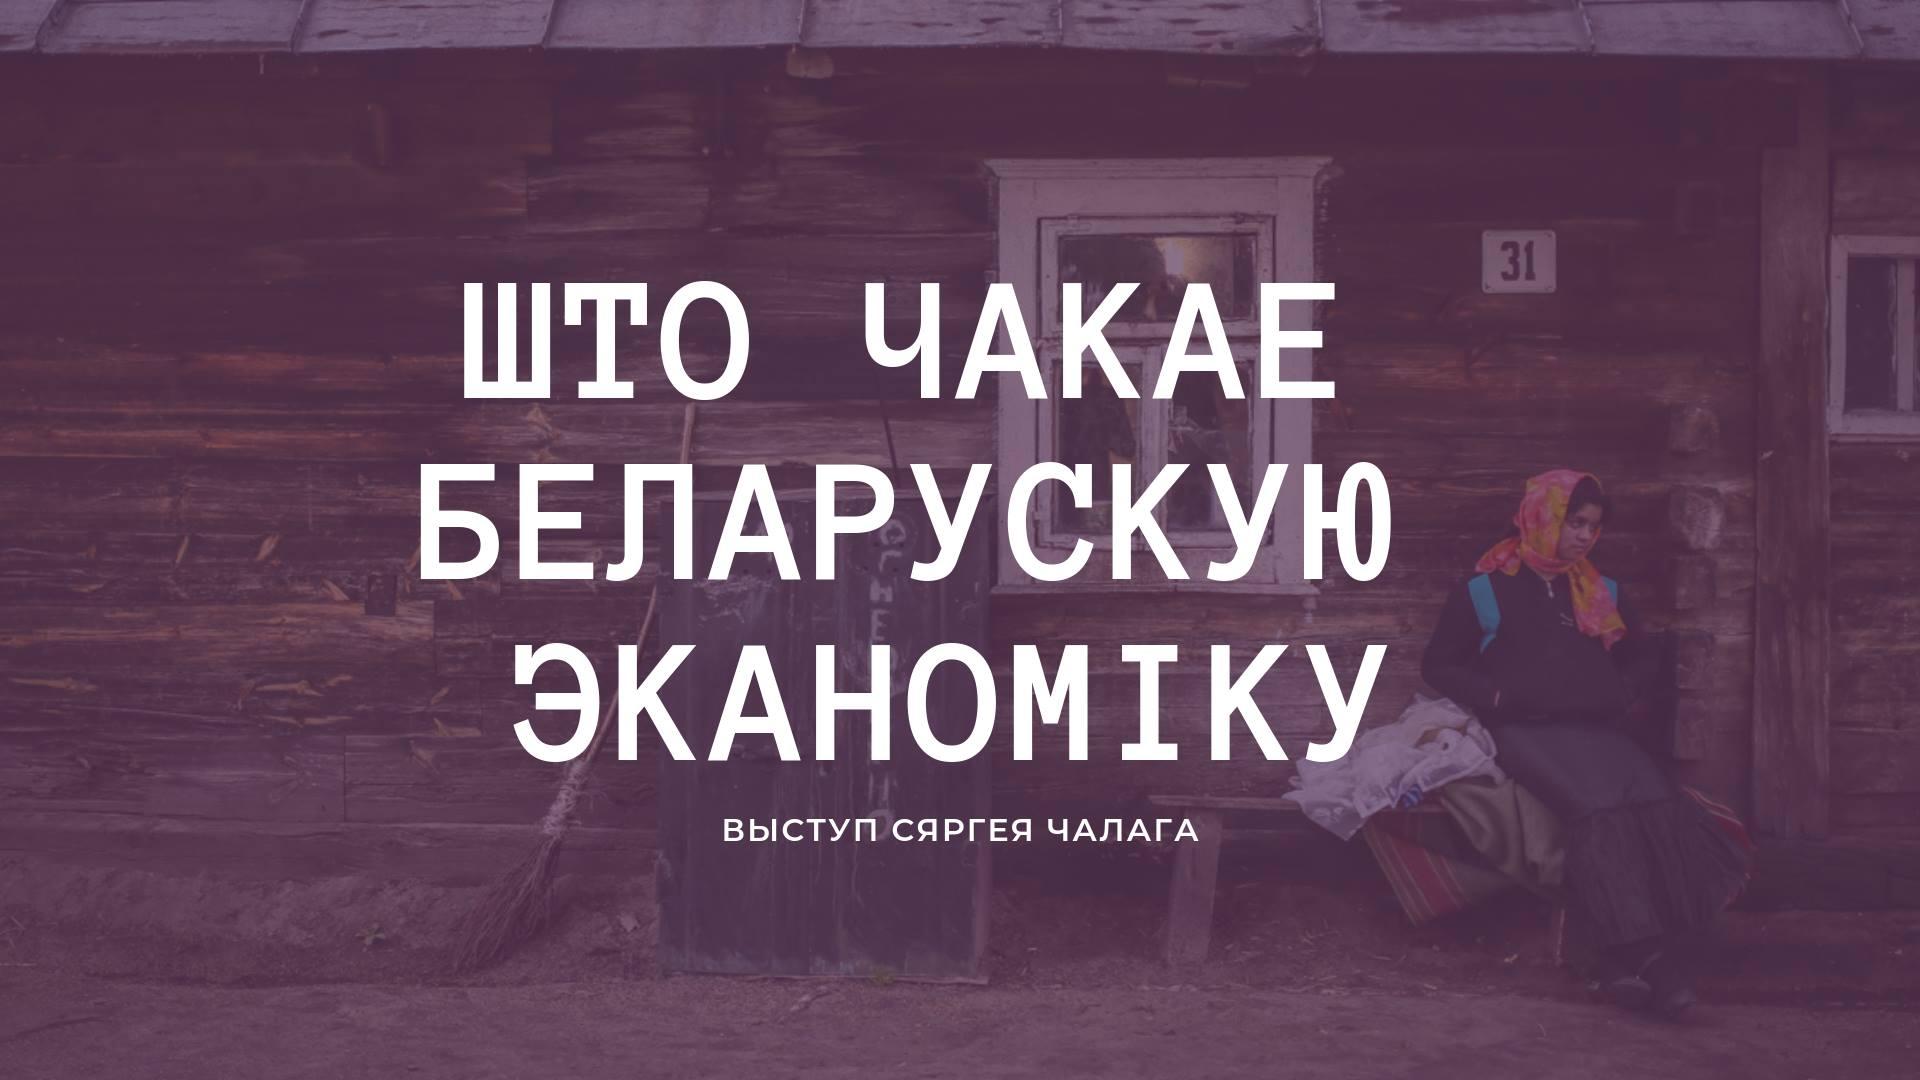 Што будзе з беларускай эканомікай?   Гродна